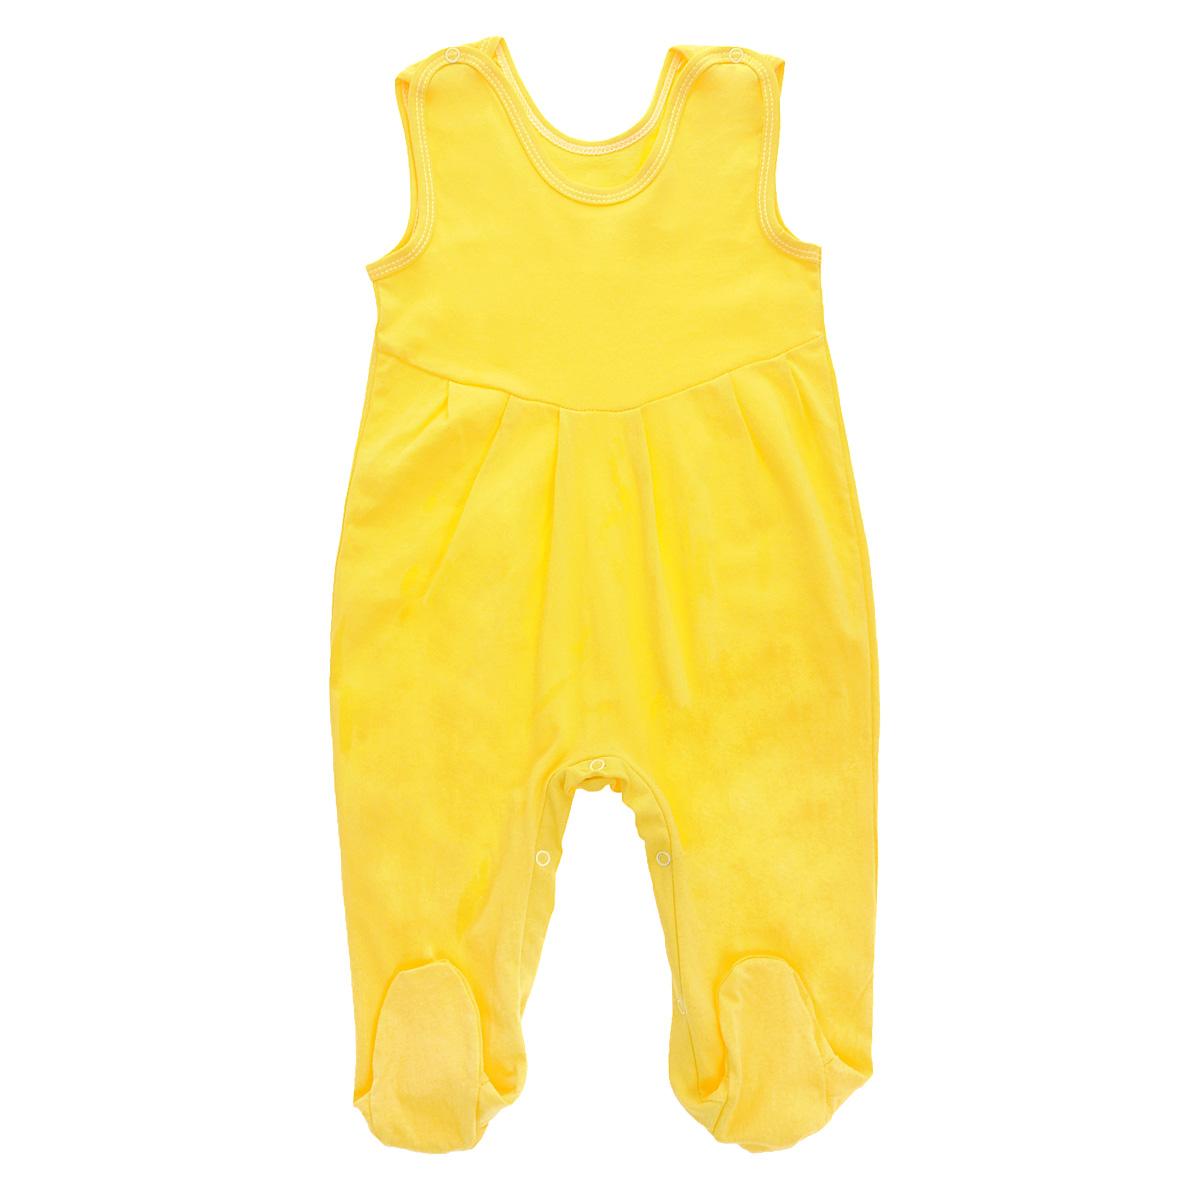 Ползунки с грудкой Трон-плюс, цвет: желтый. 5237. Размер 56, 1 месяц5237Ползунки с грудкой Трон-плюс - очень удобный и практичный вид одежды для малышей. Они отлично сочетаются с футболками и кофточками. Ползунки выполнены из кулирного полотна - натурального хлопка, благодаря чему они необычайно мягкие и приятные на ощупь, не раздражают нежную кожу ребенка и хорошо вентилируются, а эластичные швы приятны телу младенца и не препятствуют его движениям. Ползунки с закрытыми ножками, застегивающиеся сверху на кнопки, идеально подойдут вашему ребенку, обеспечивая ему наибольший комфорт, подходят для ношения с подгузником и без него. Кнопки на ластовице помогают легко и без труда поменять подгузник в течение дня. От линии груди заложены складочки, придающие изделию оригинальность.Ползунки с грудкой полностью соответствуют особенностям жизни младенца в ранний период, не стесняя и не ограничивая его в движениях!